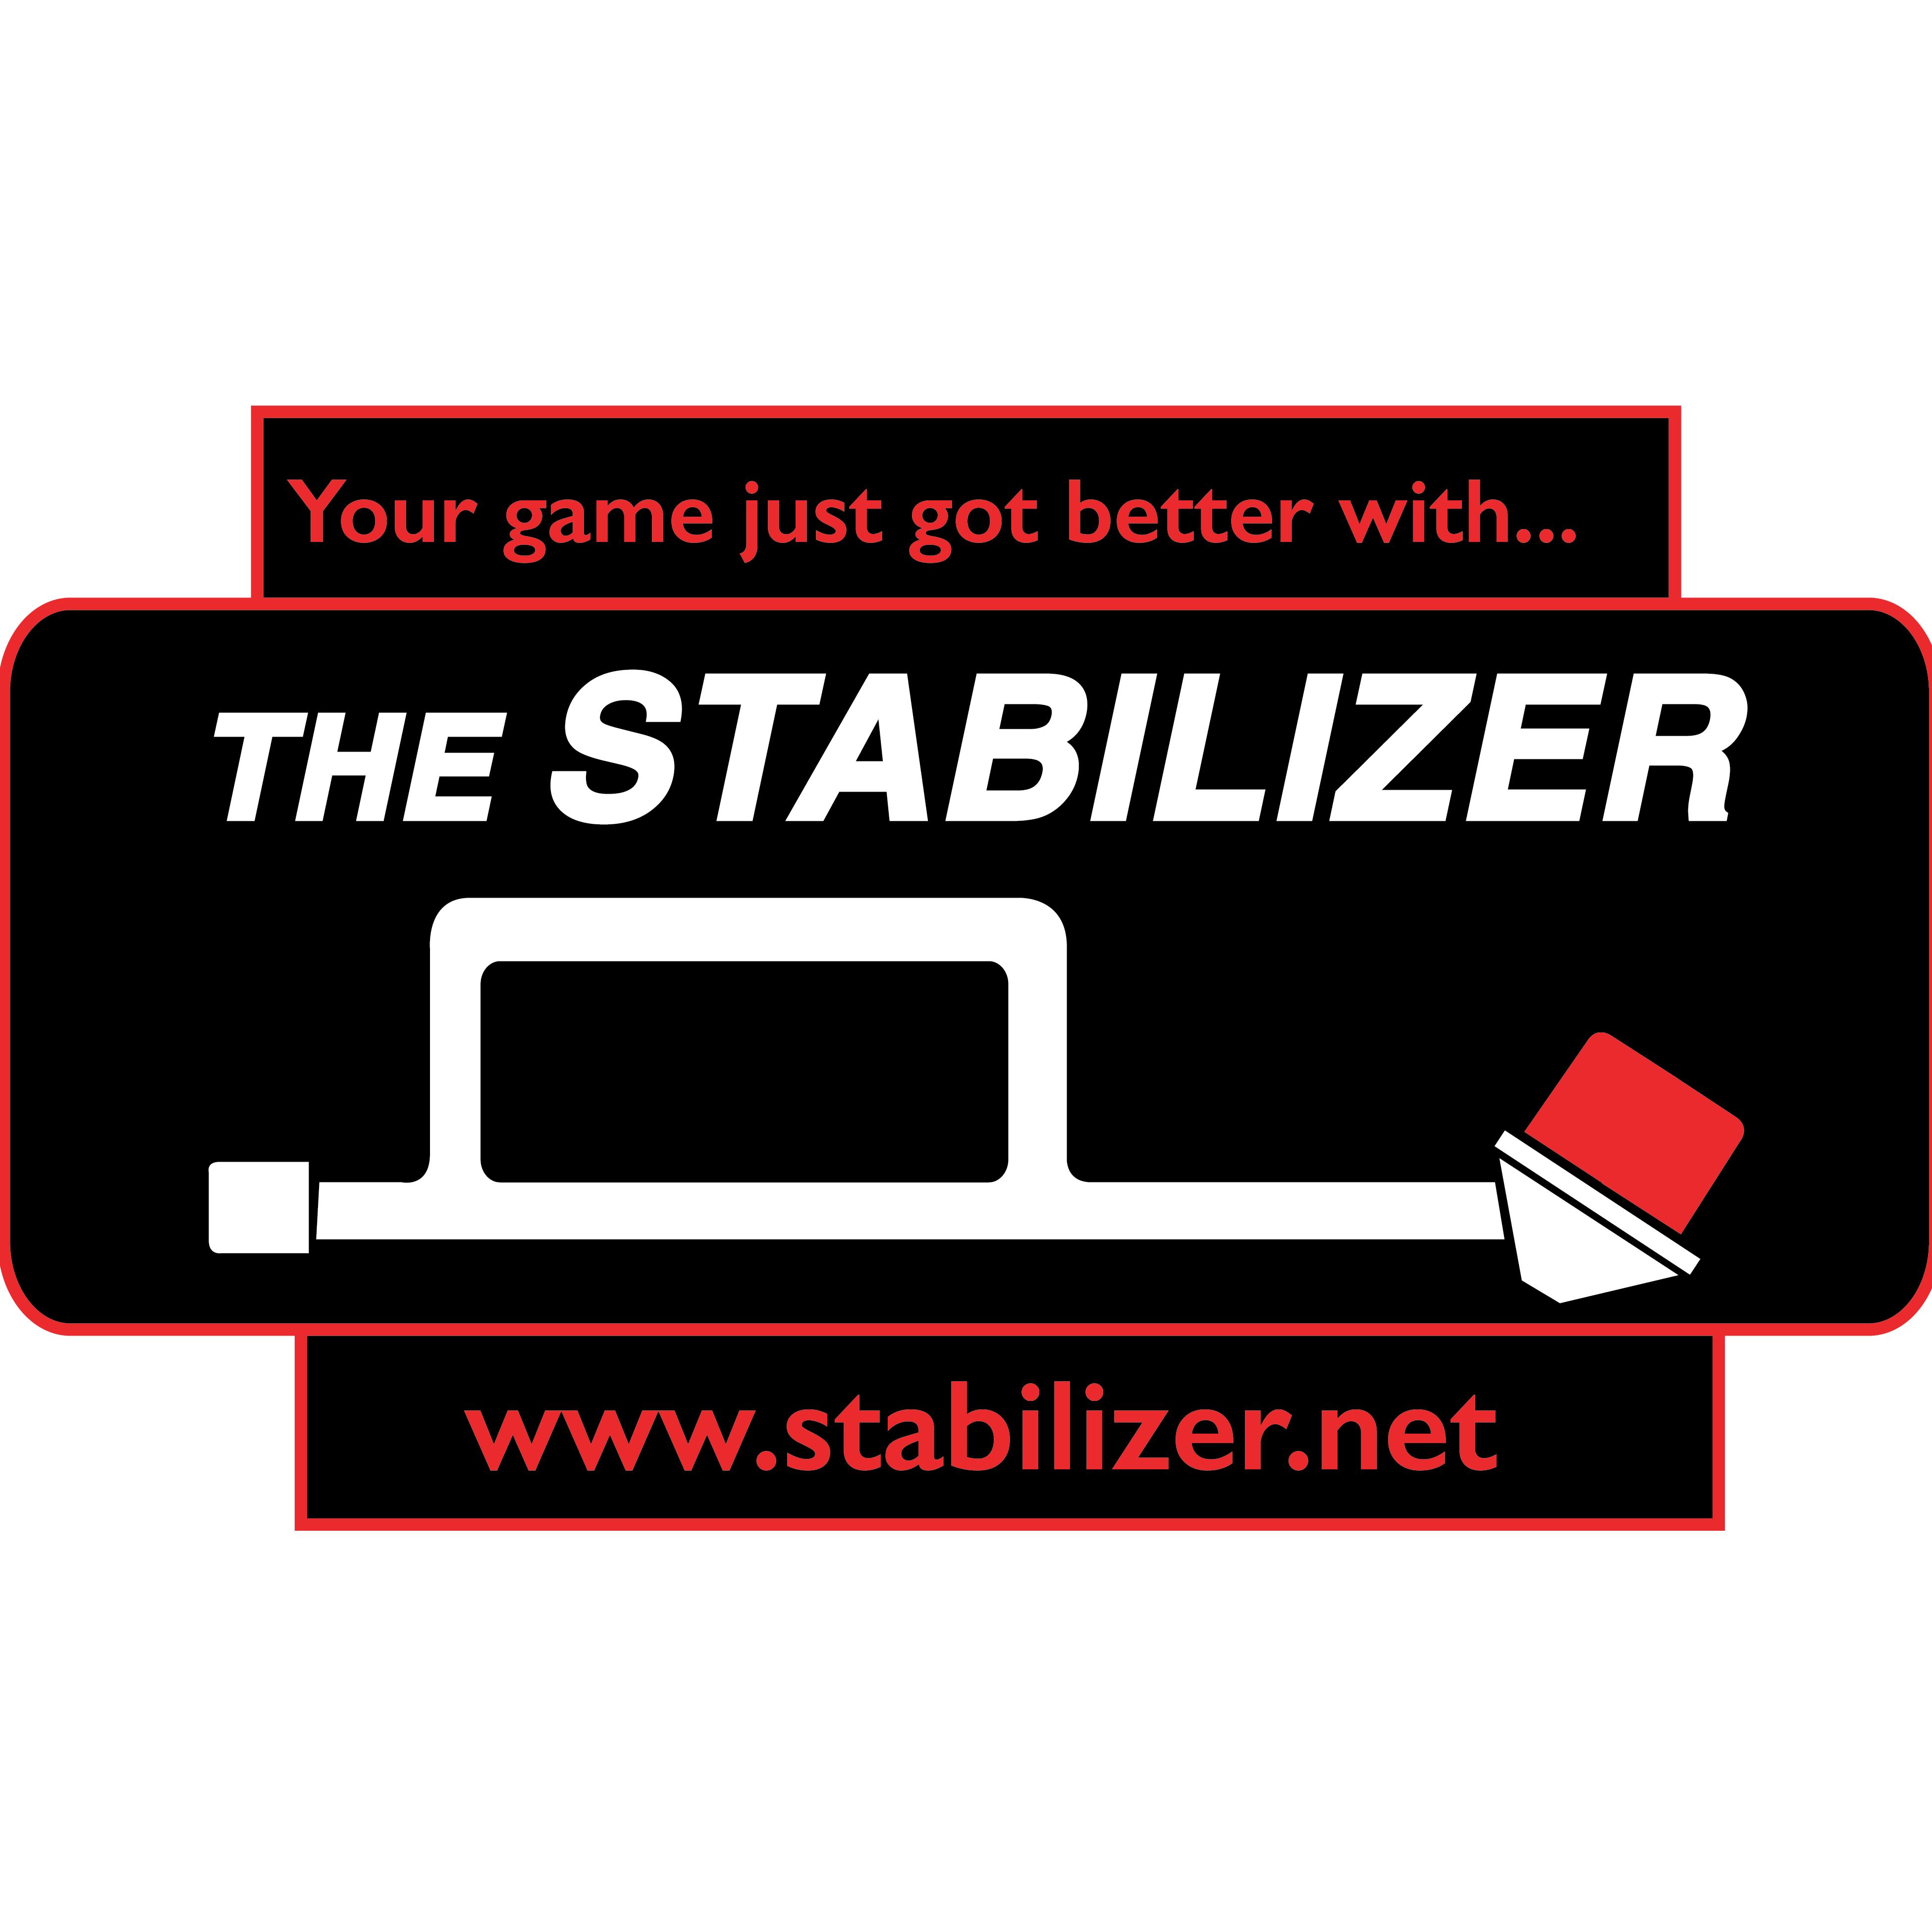 Stabilizer Black BG - Hot Shots Curling Camp